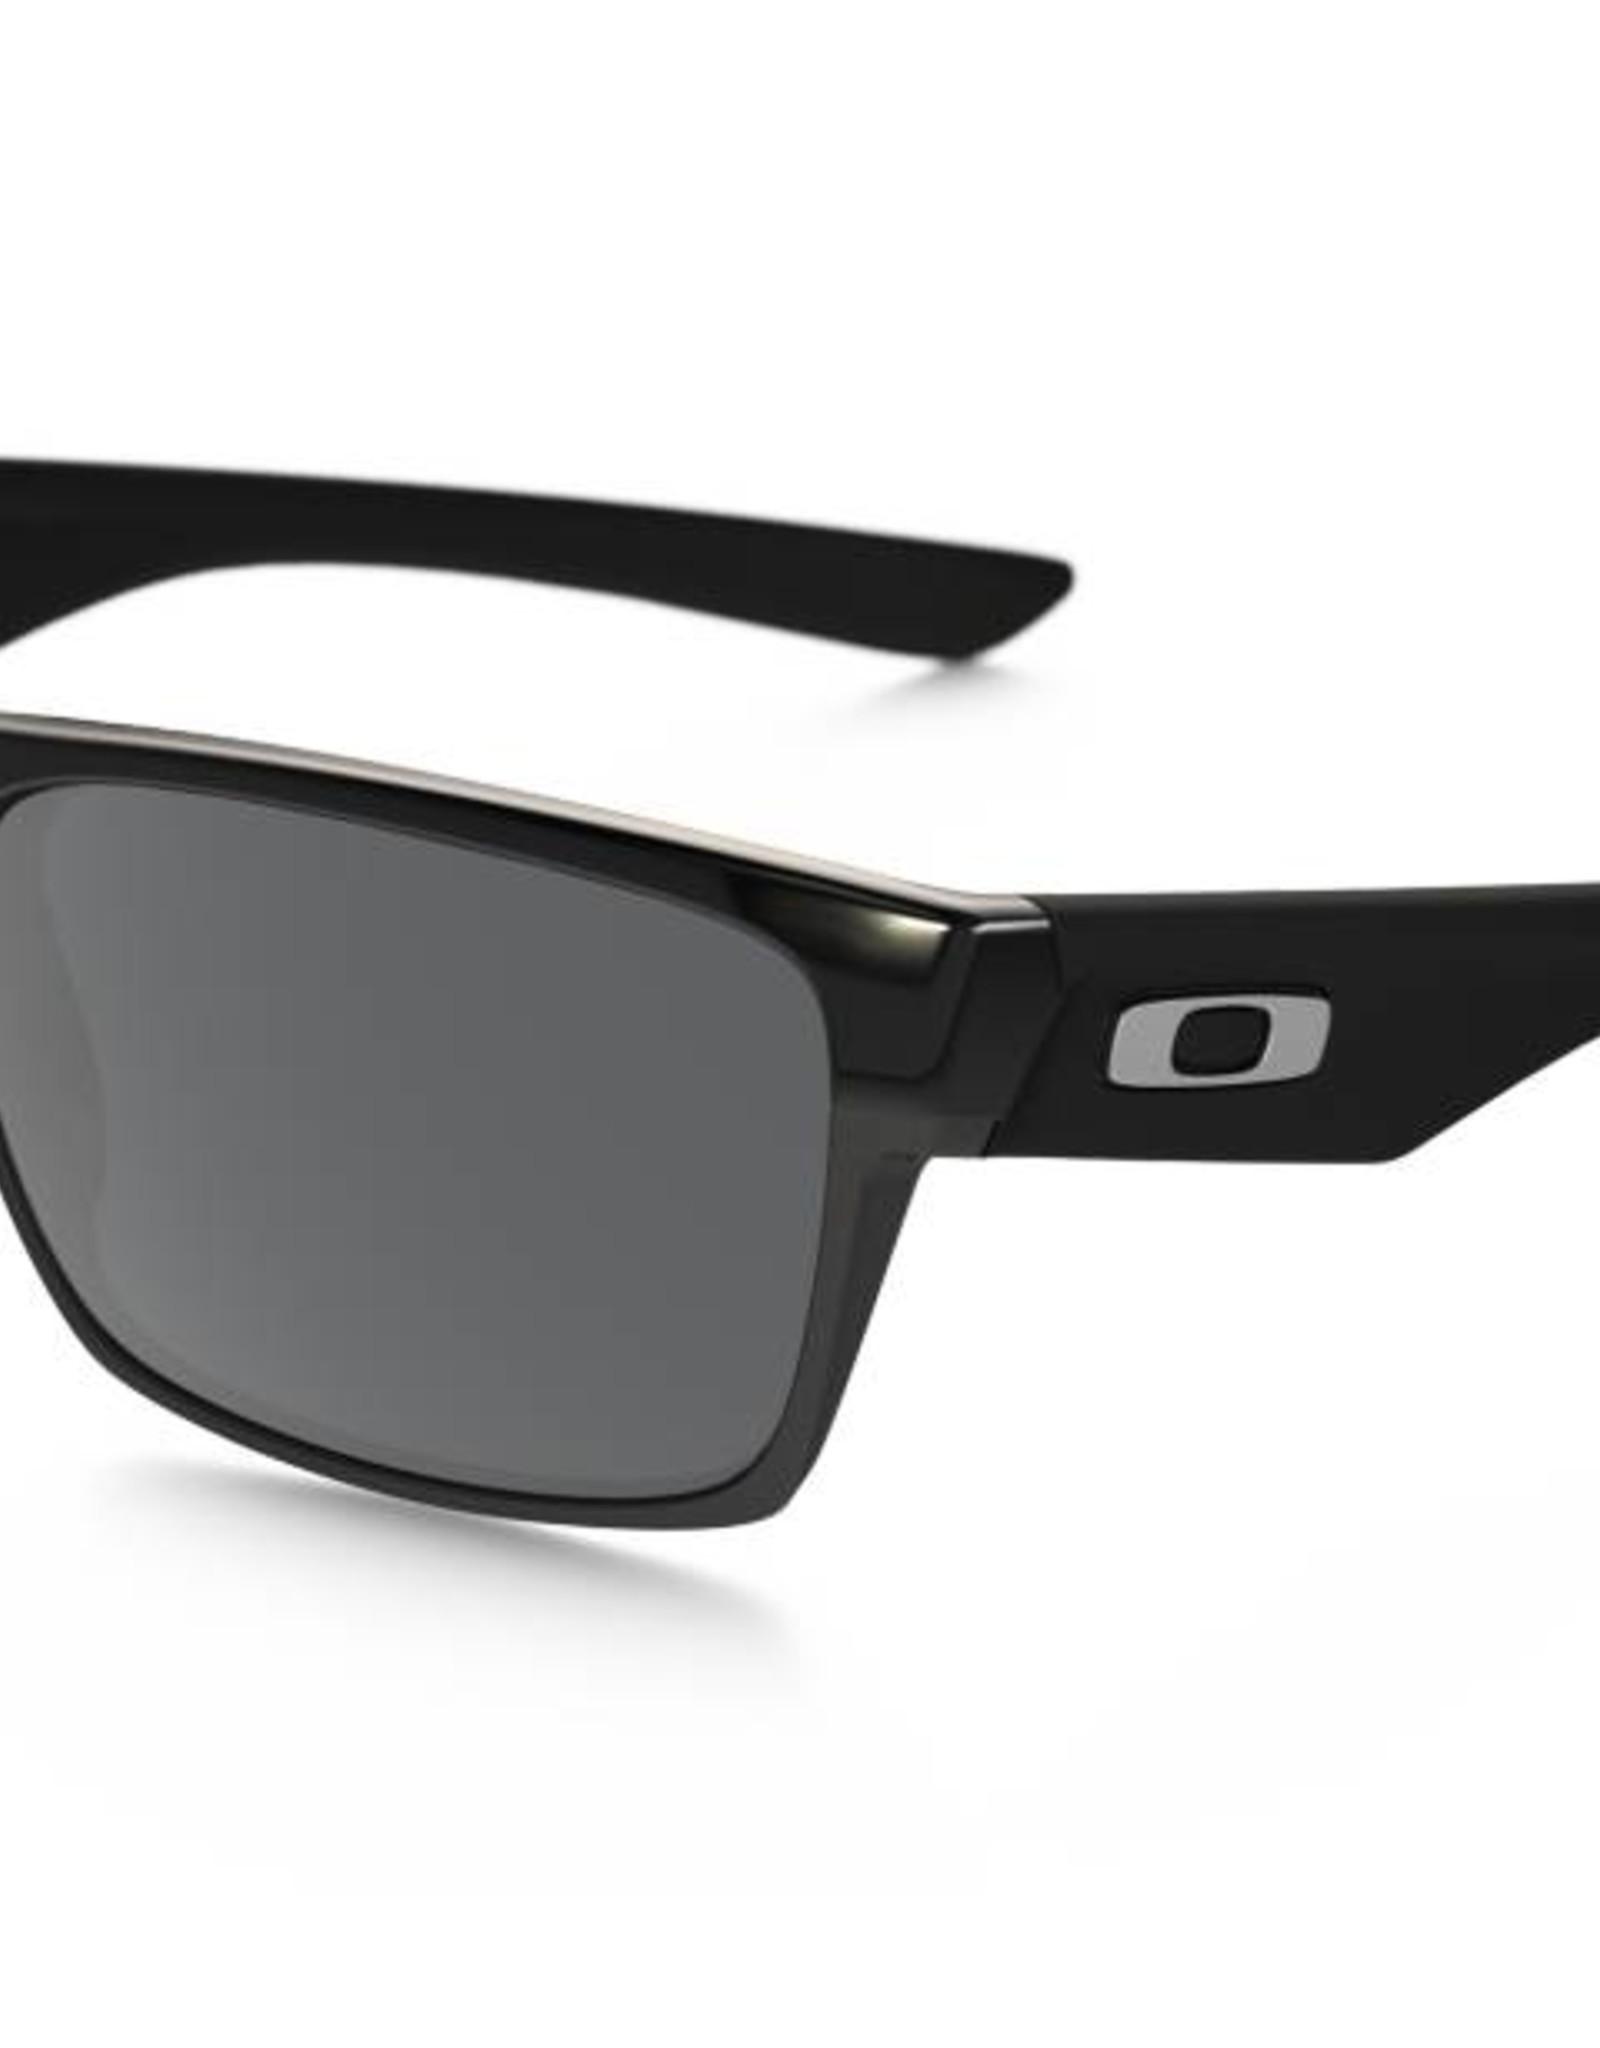 Oakley Oakley - TWOFACE - Polished Black w/ POLAR Black Iridium